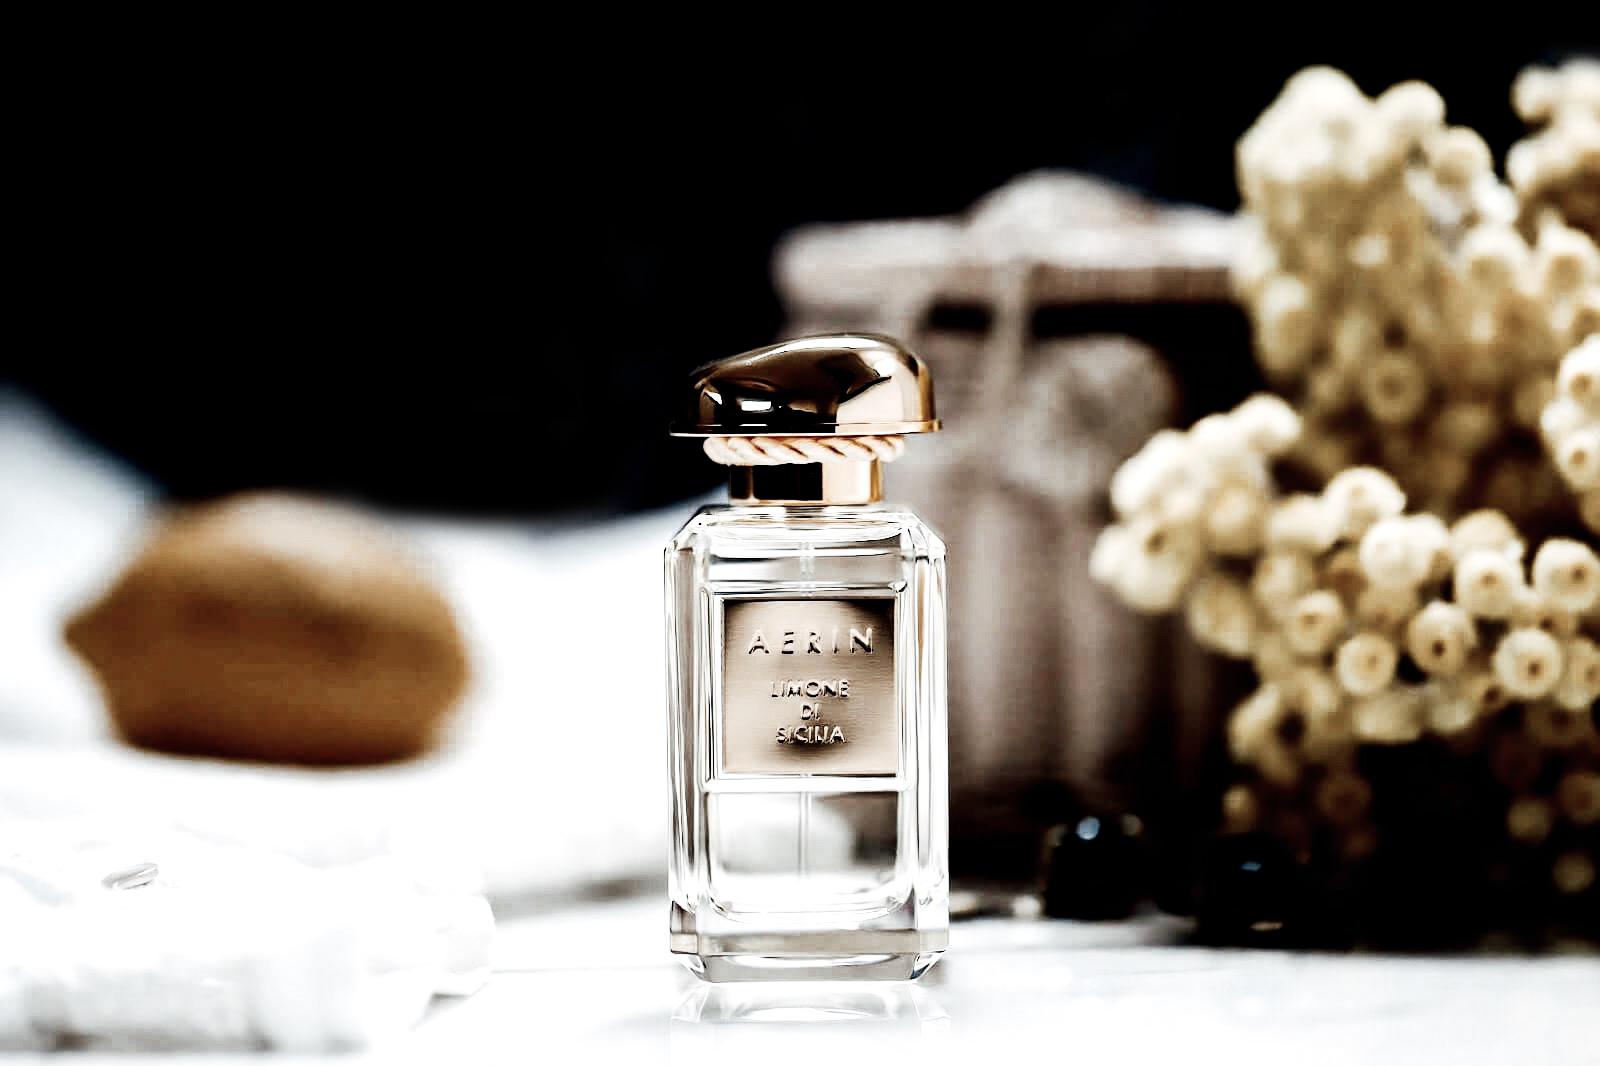 aerin-limone-di-sicilia-parfum-avis-test-critique